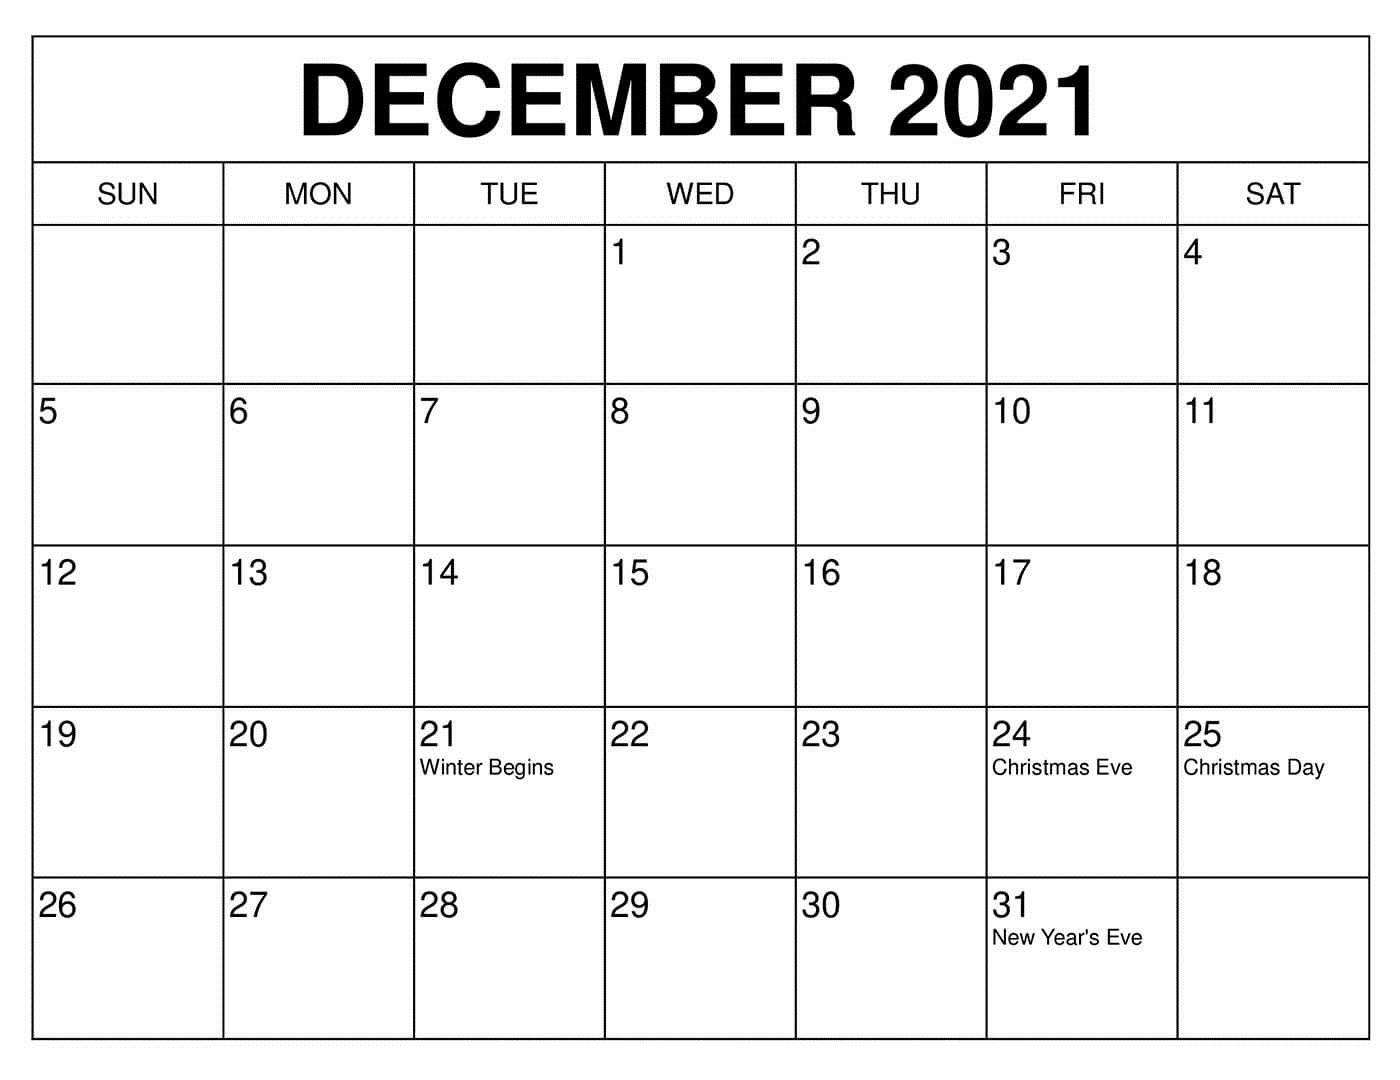 December 2021 Calendar Printable Blank Month